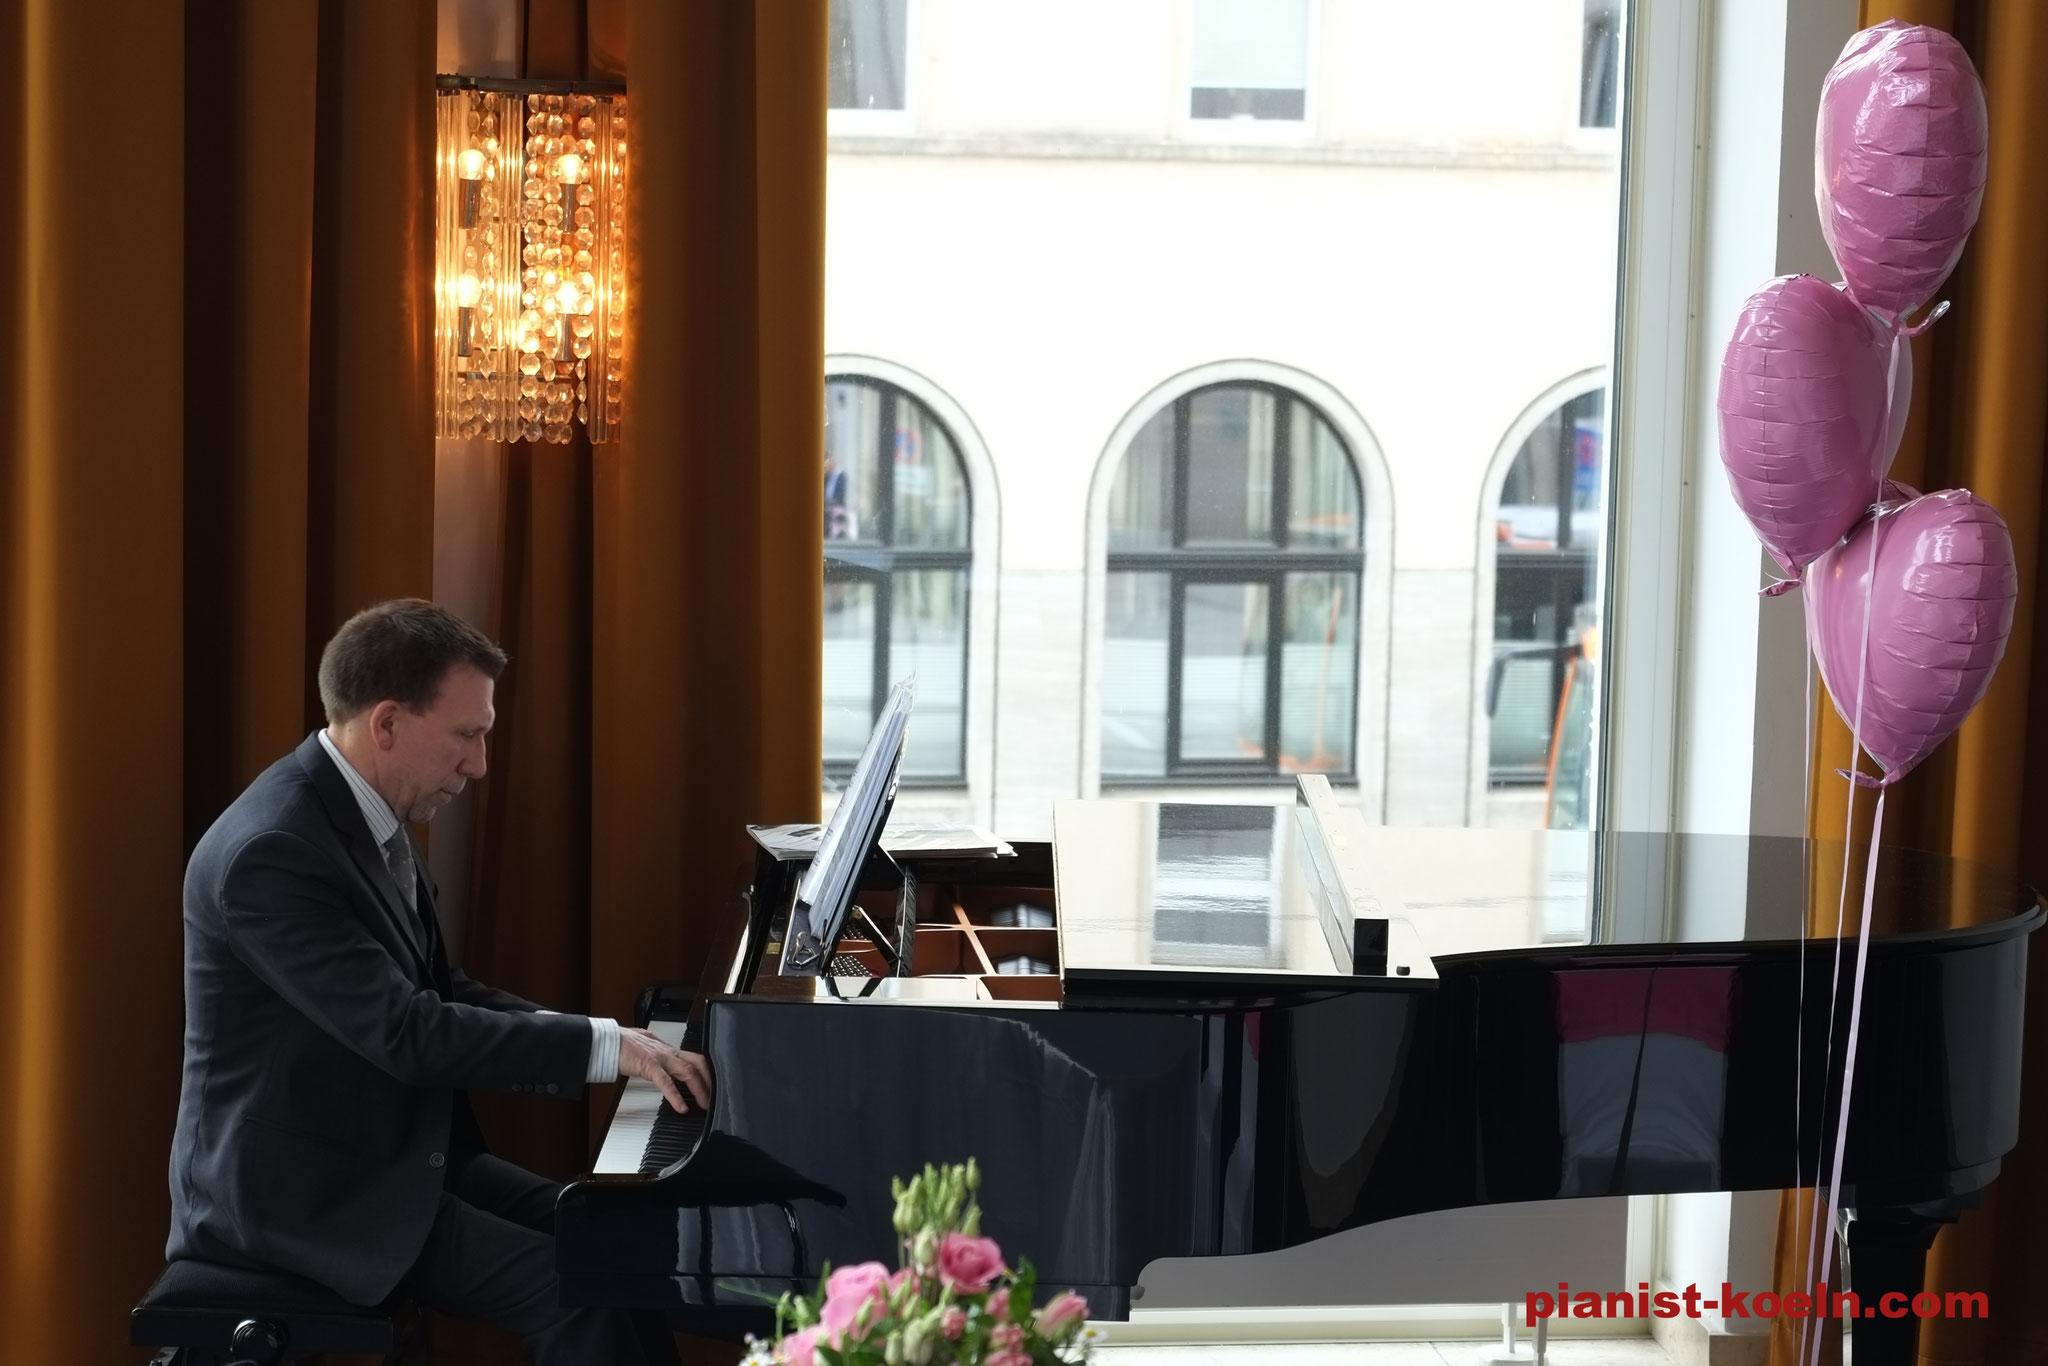 Auftritt im Opernhaus Wuppertal - Trauung